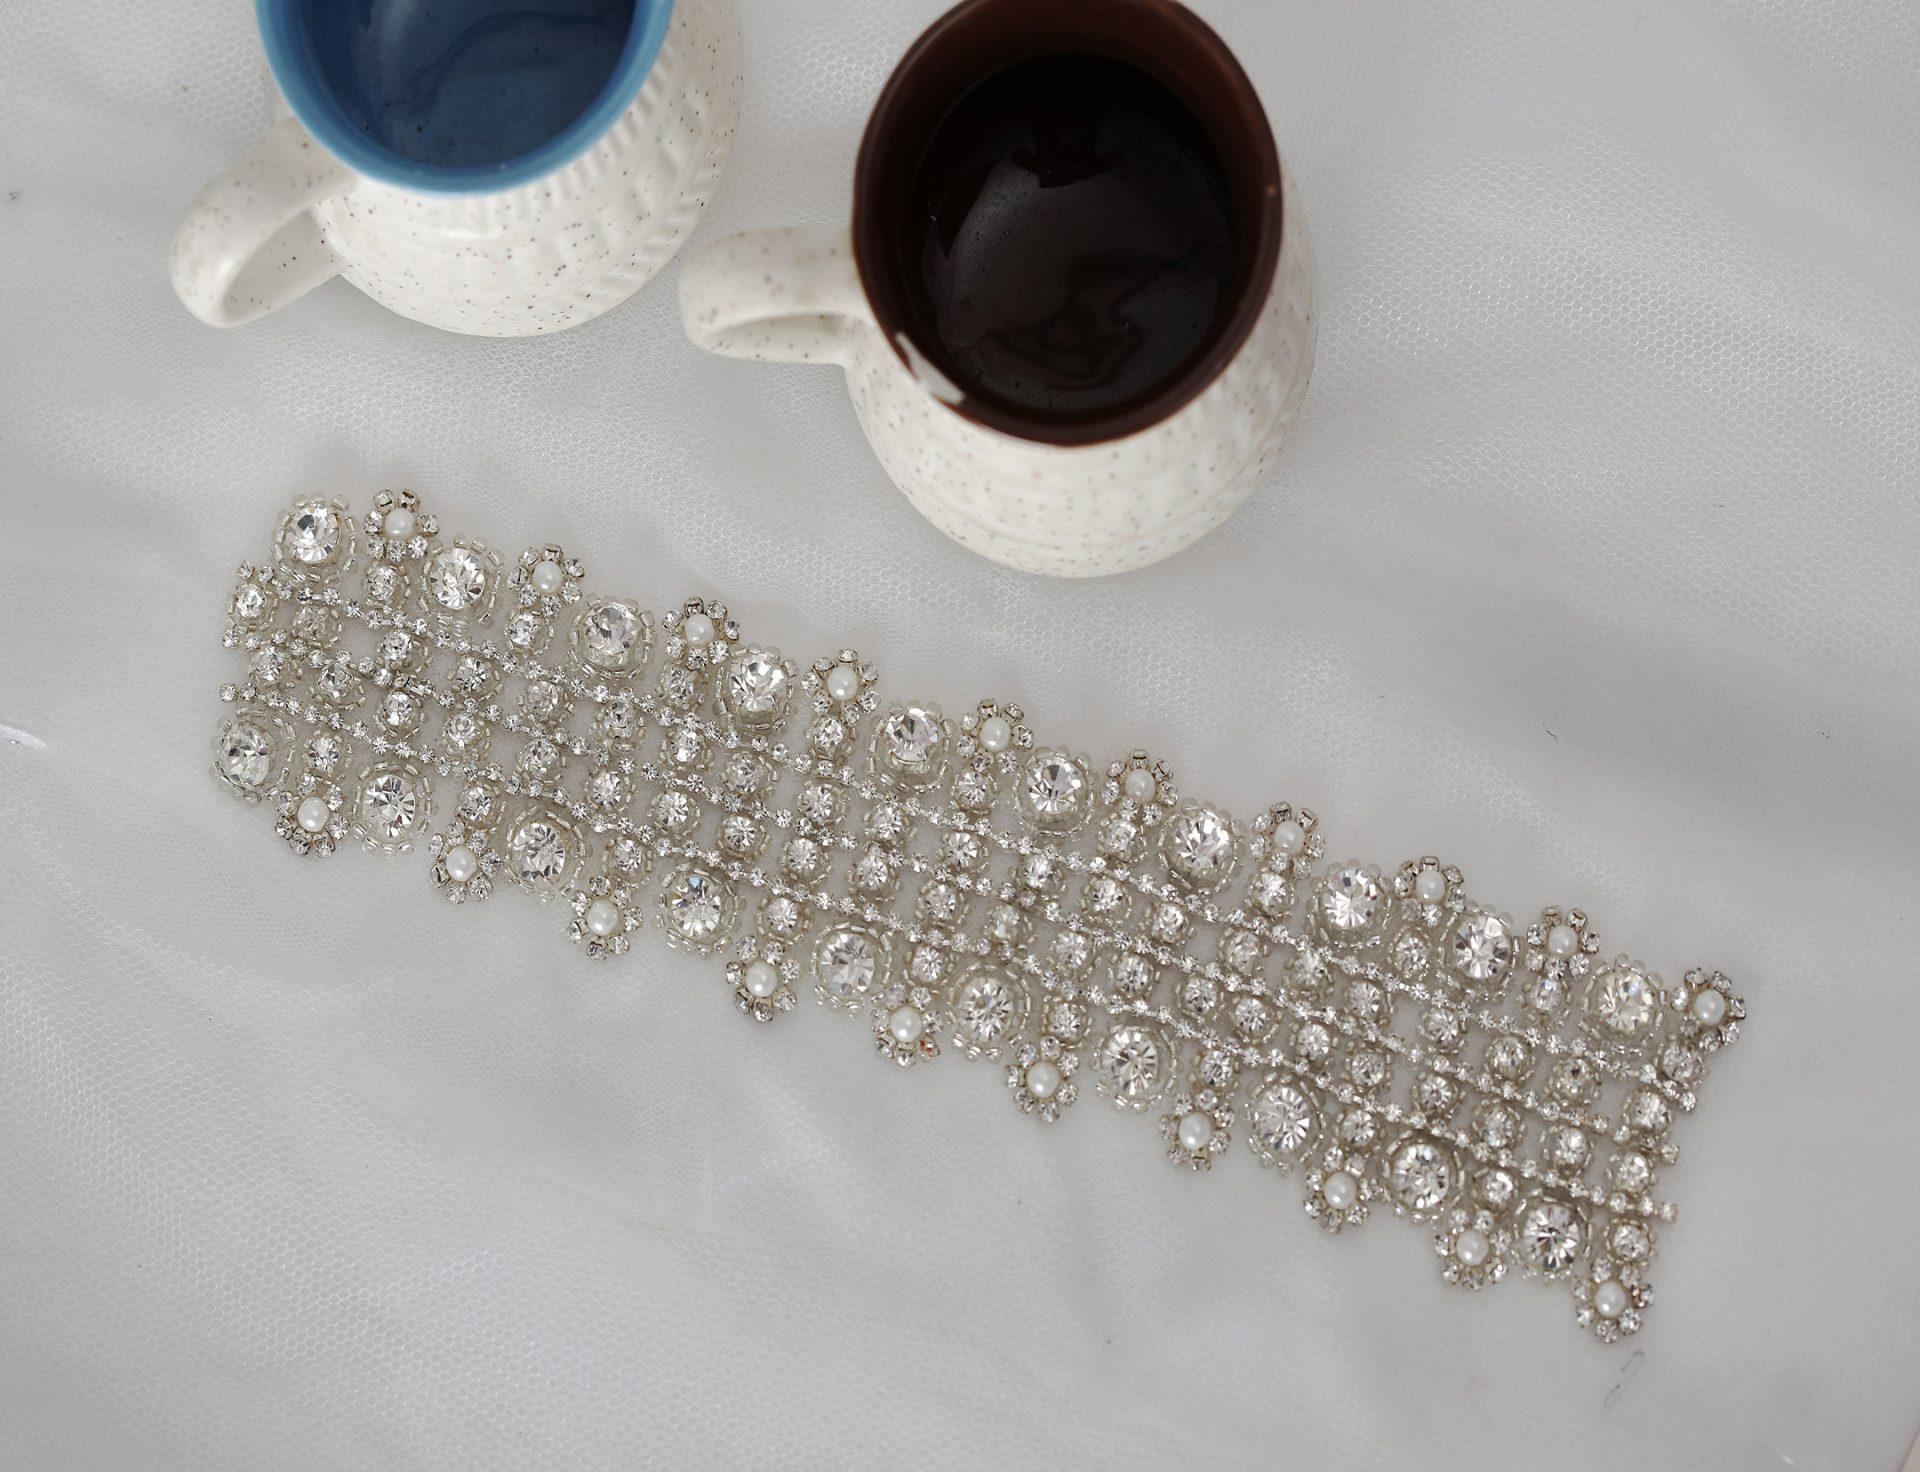 DIY Rhinestone Belt | La Vie En Rose | Trim Made of Crystals